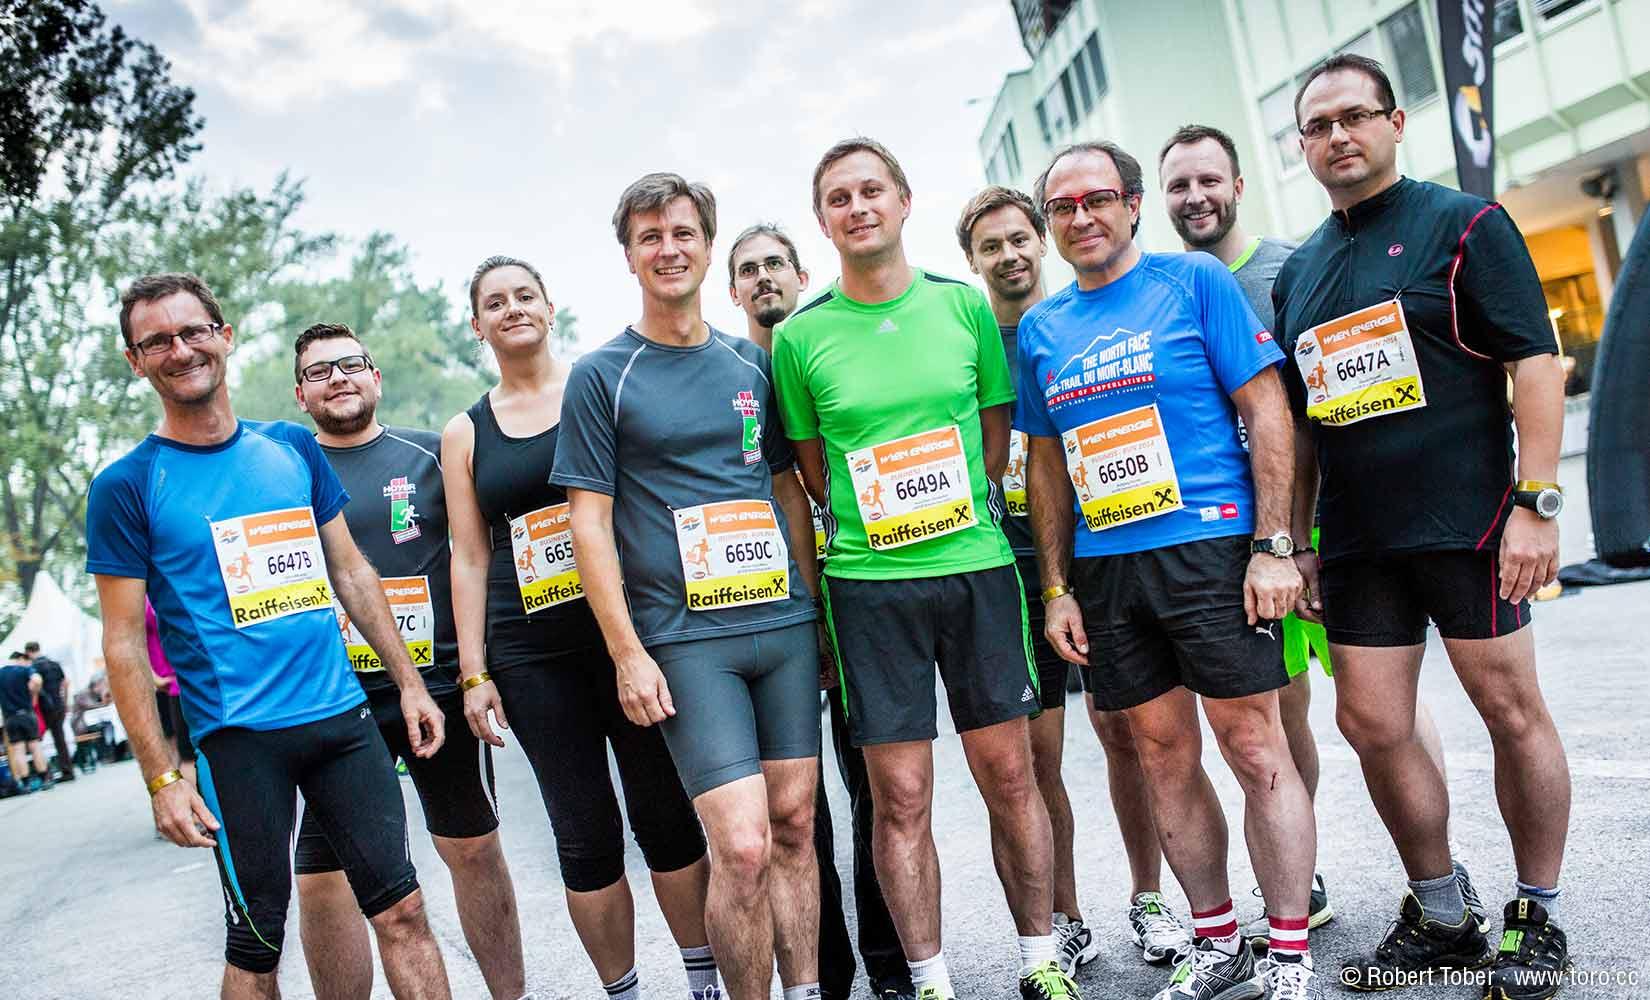 Hoyer-Brandschutz Laufteam beim Business Run 2014 © www.toro.cc